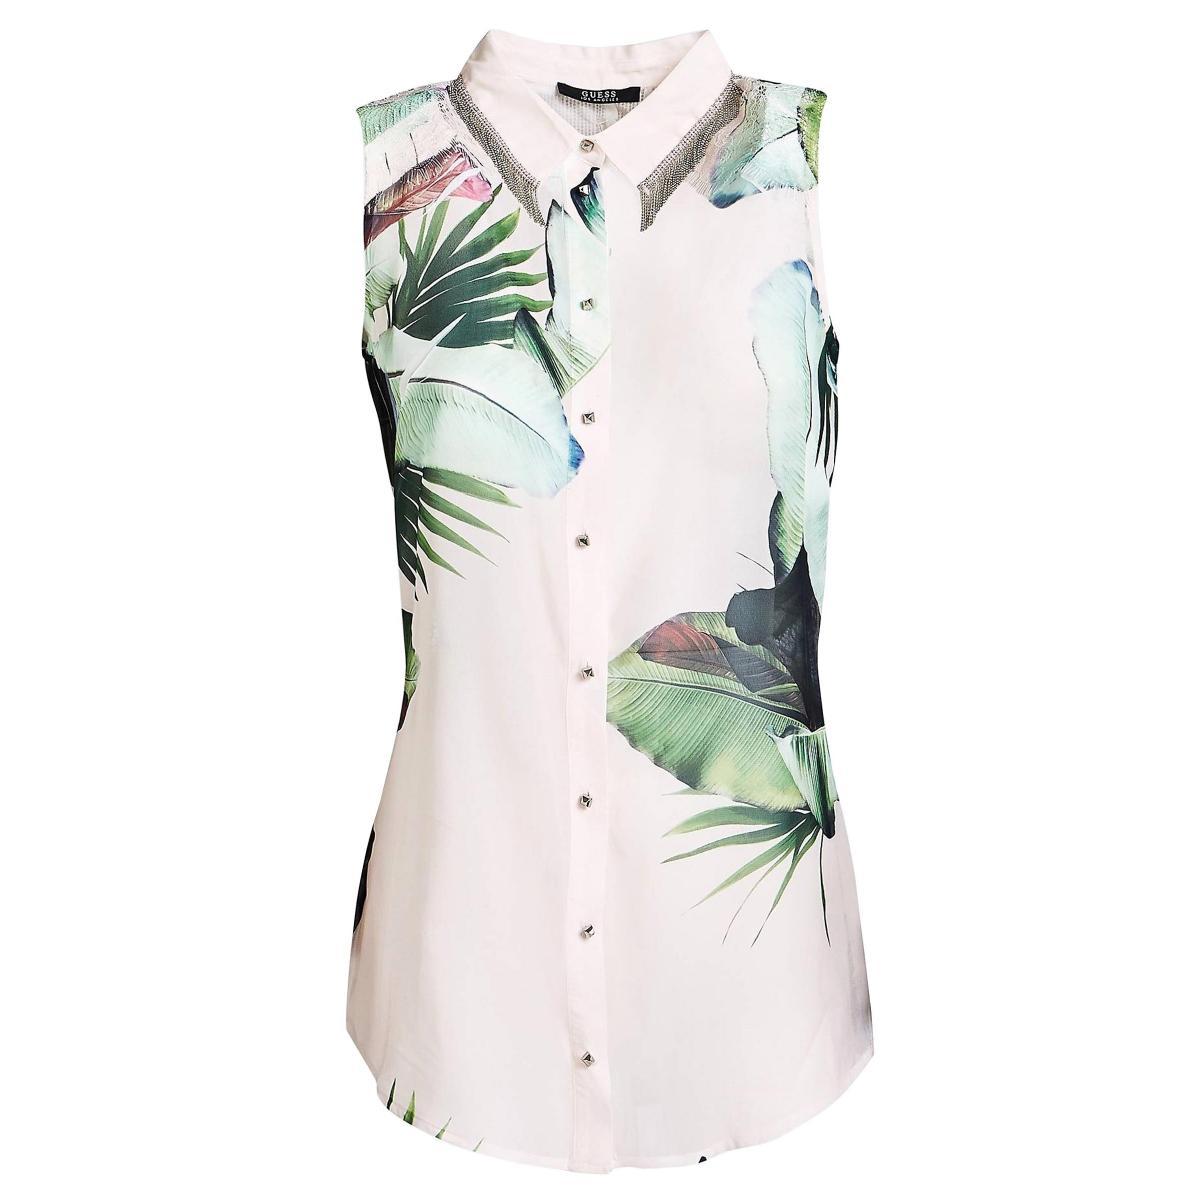 Camicia GUESS con applicazioni metalliche da donna rif. W92H79W70Q0